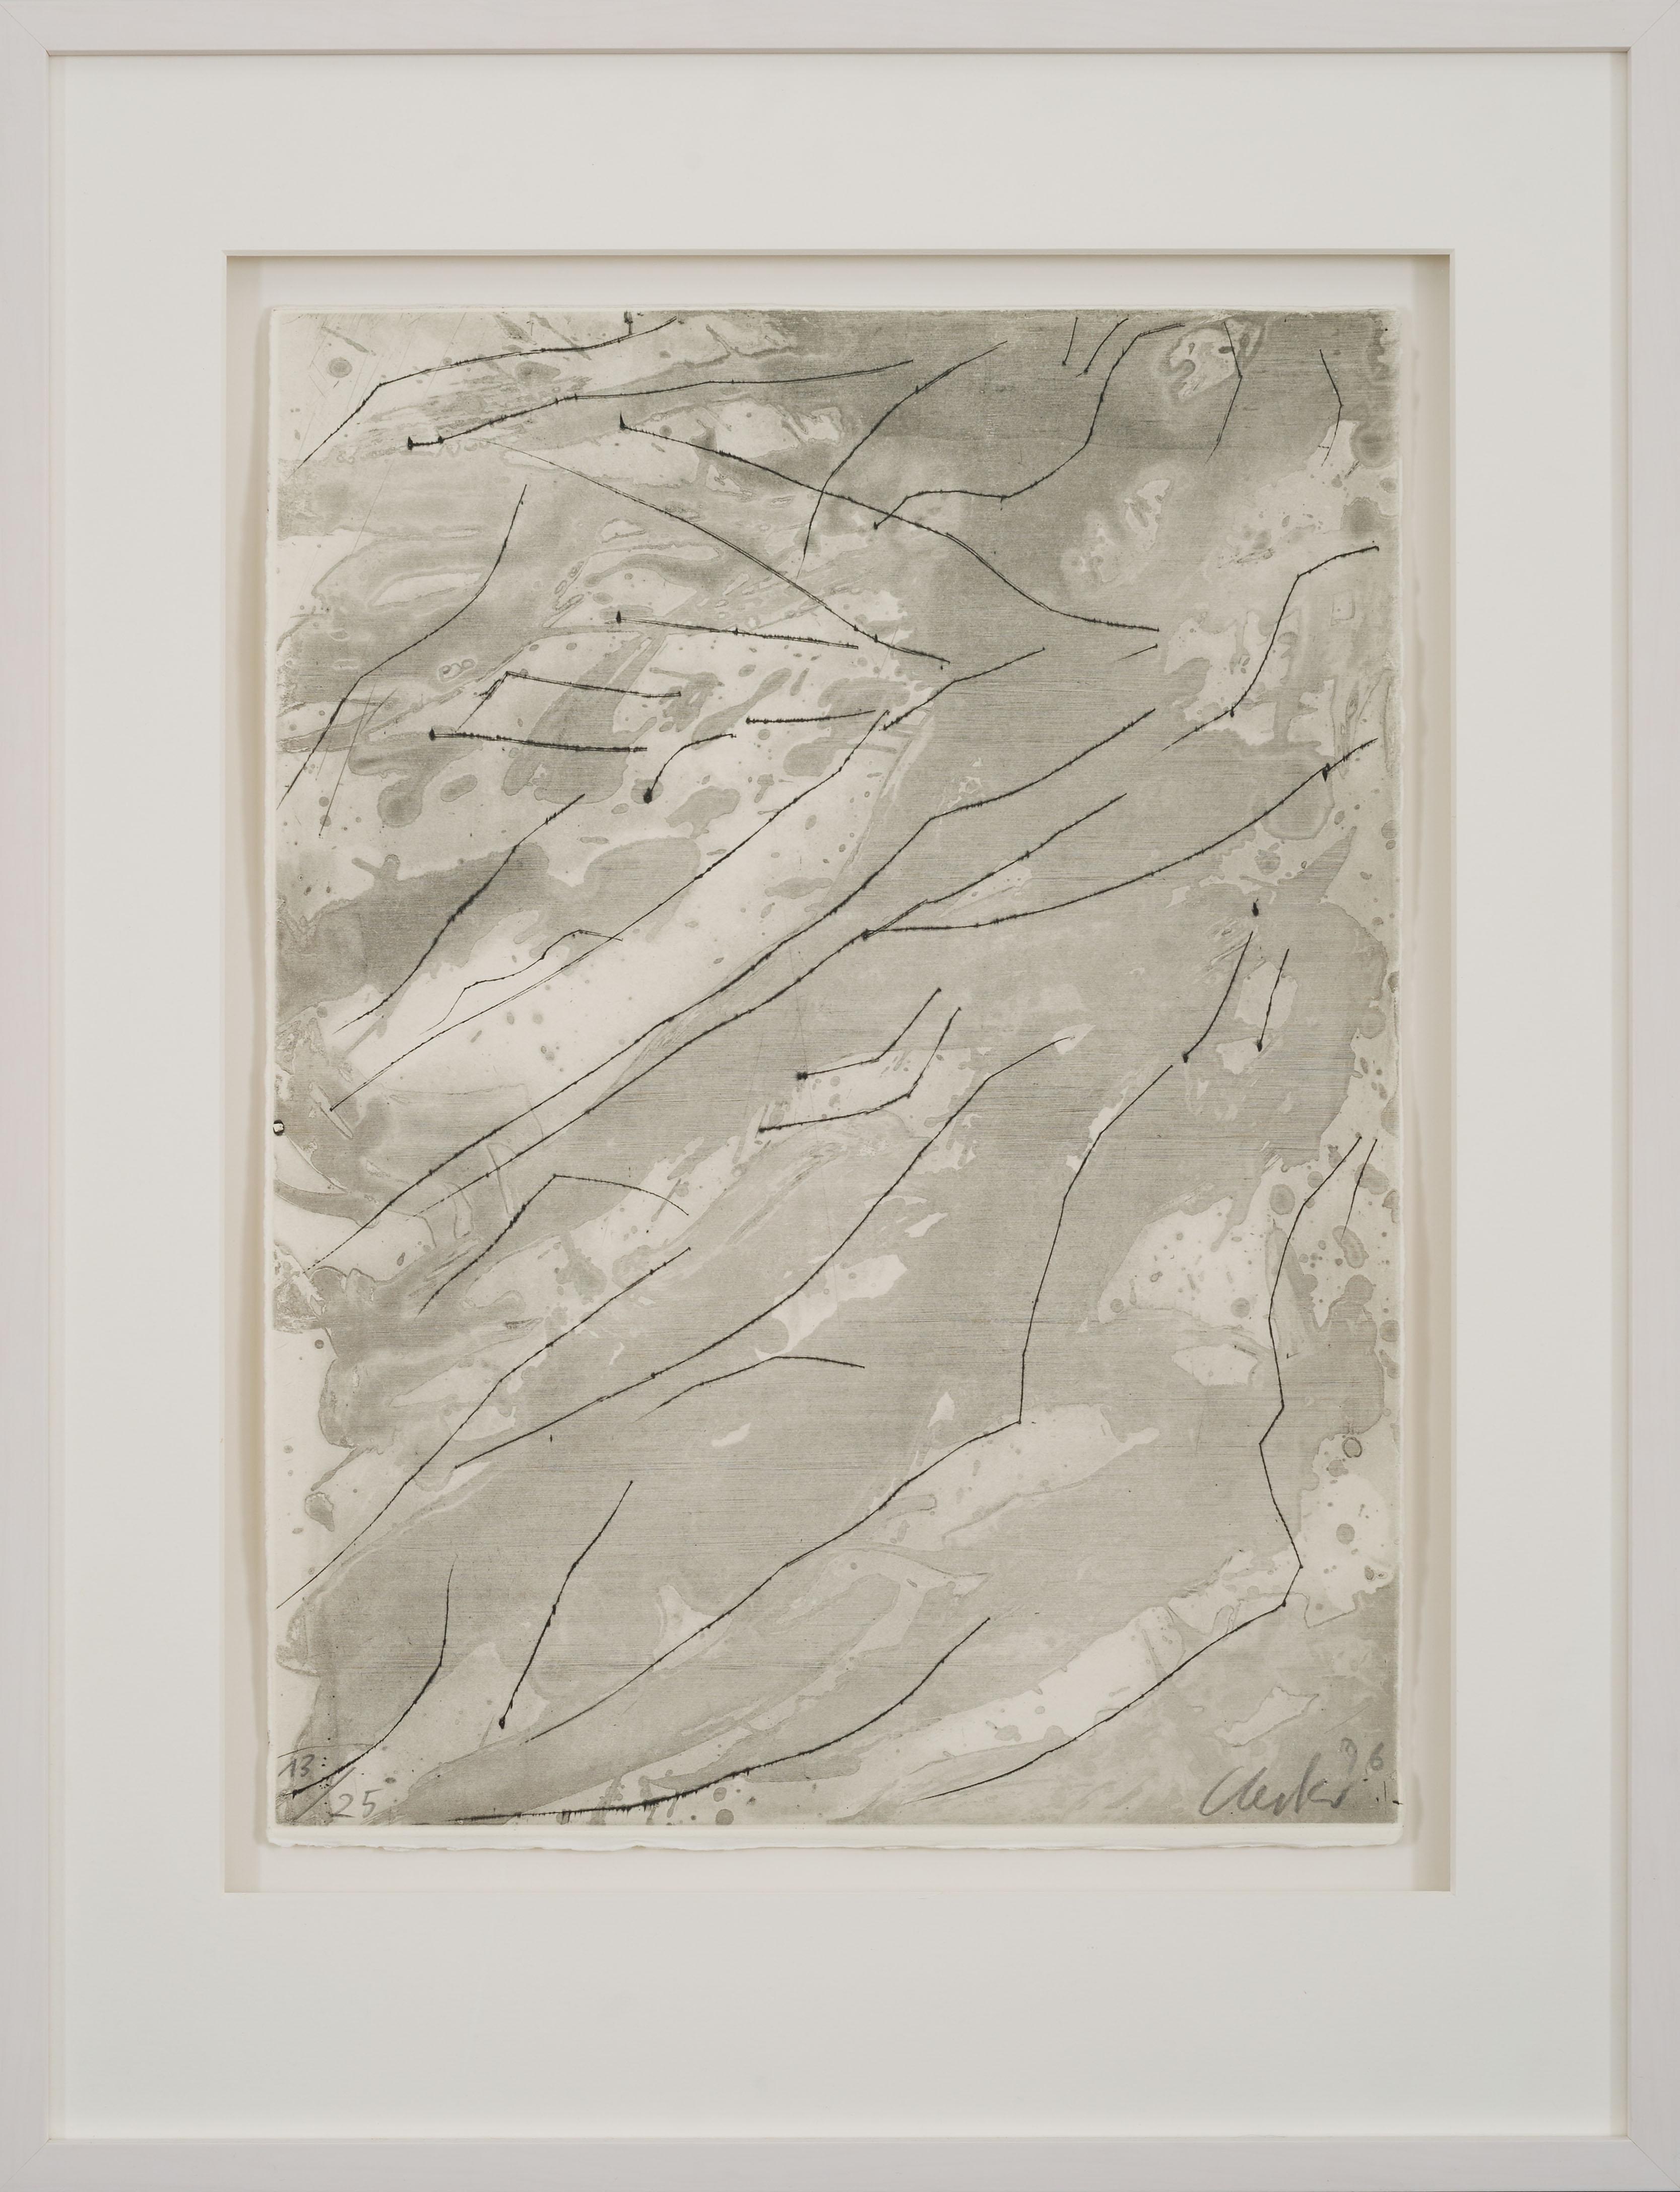 Medea - original etching contemporary art work by Günther Uecker, ZERO art